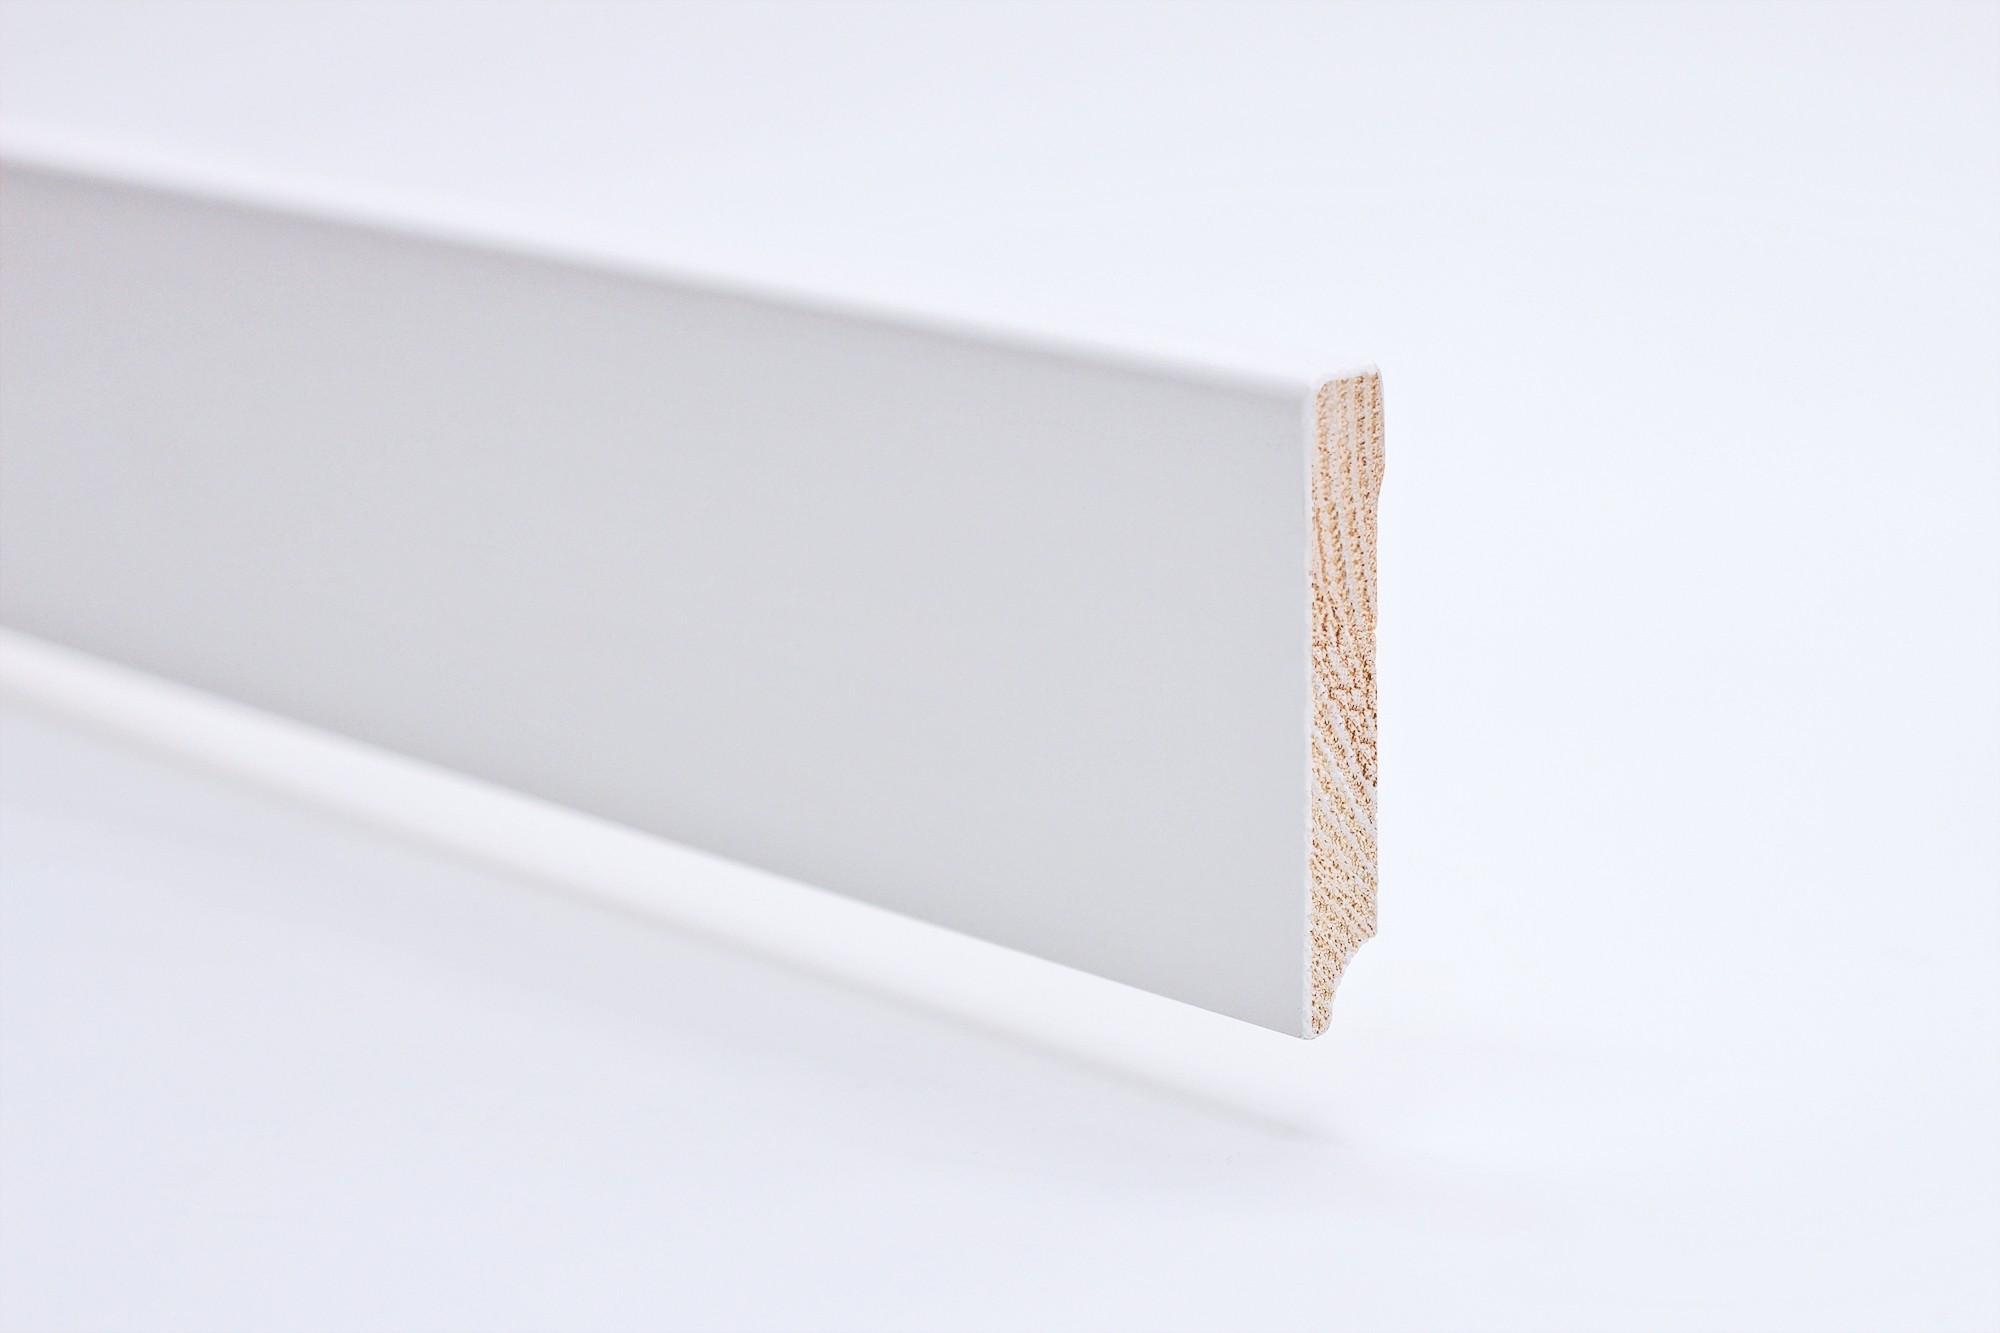 Sockelleiste (2400 x 12 x 70) eckig mit Rundung weiß lackiert Massivholz Profil - Interio